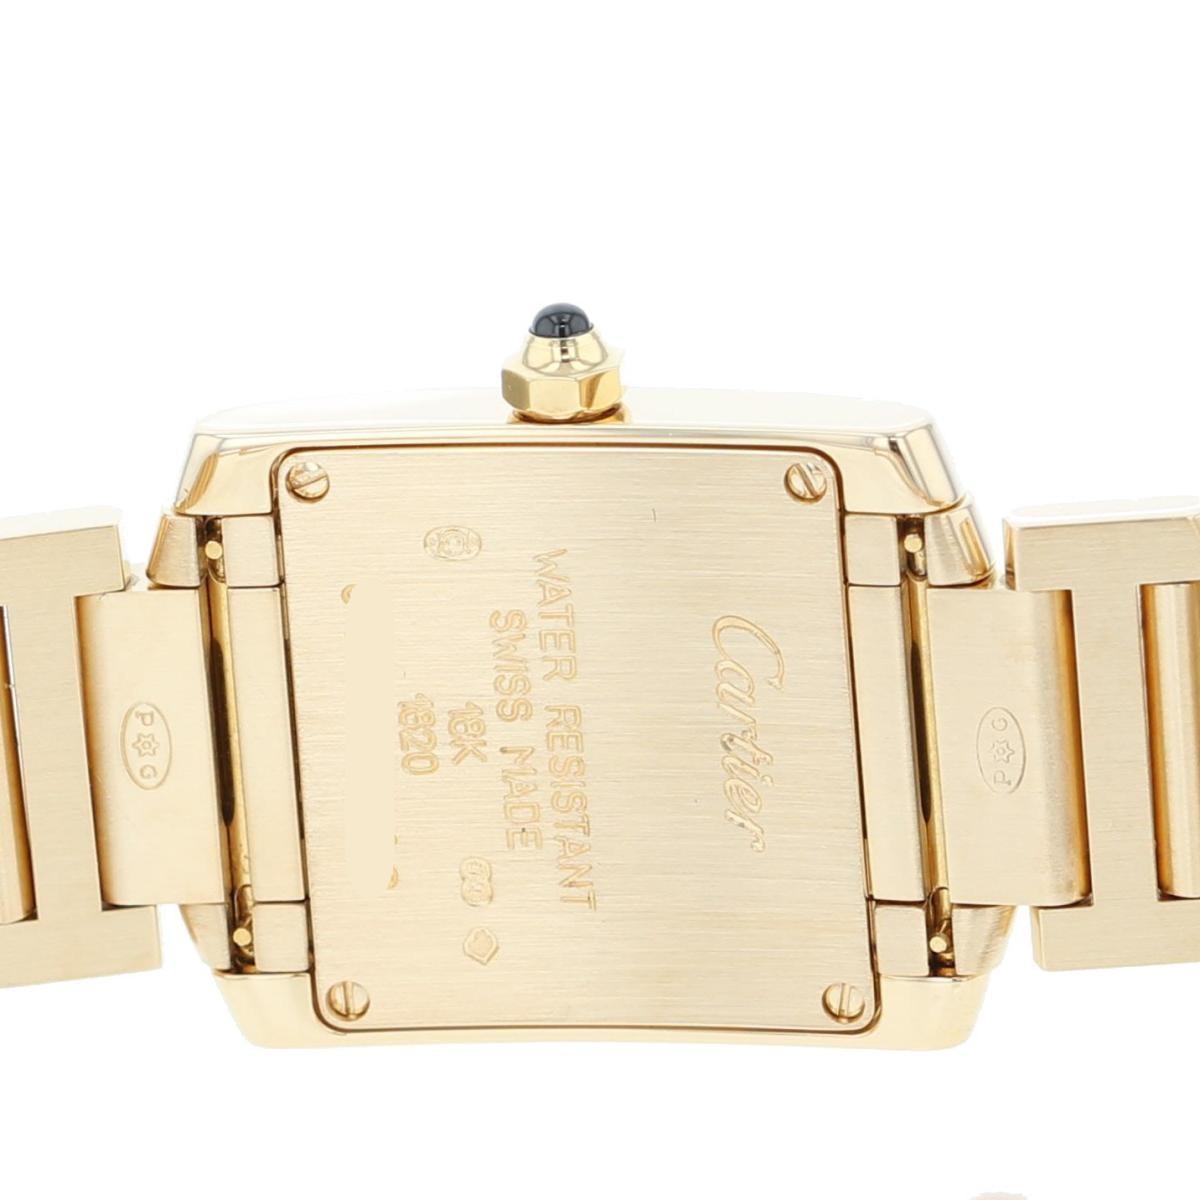 【即日発送・水曜定休日・木曜発送】【美品】【RI】Cartier (カルティエ) タンクフランセーズSM 時計 クオーツ/レディース  White/ホワイト W50002N2 used:A